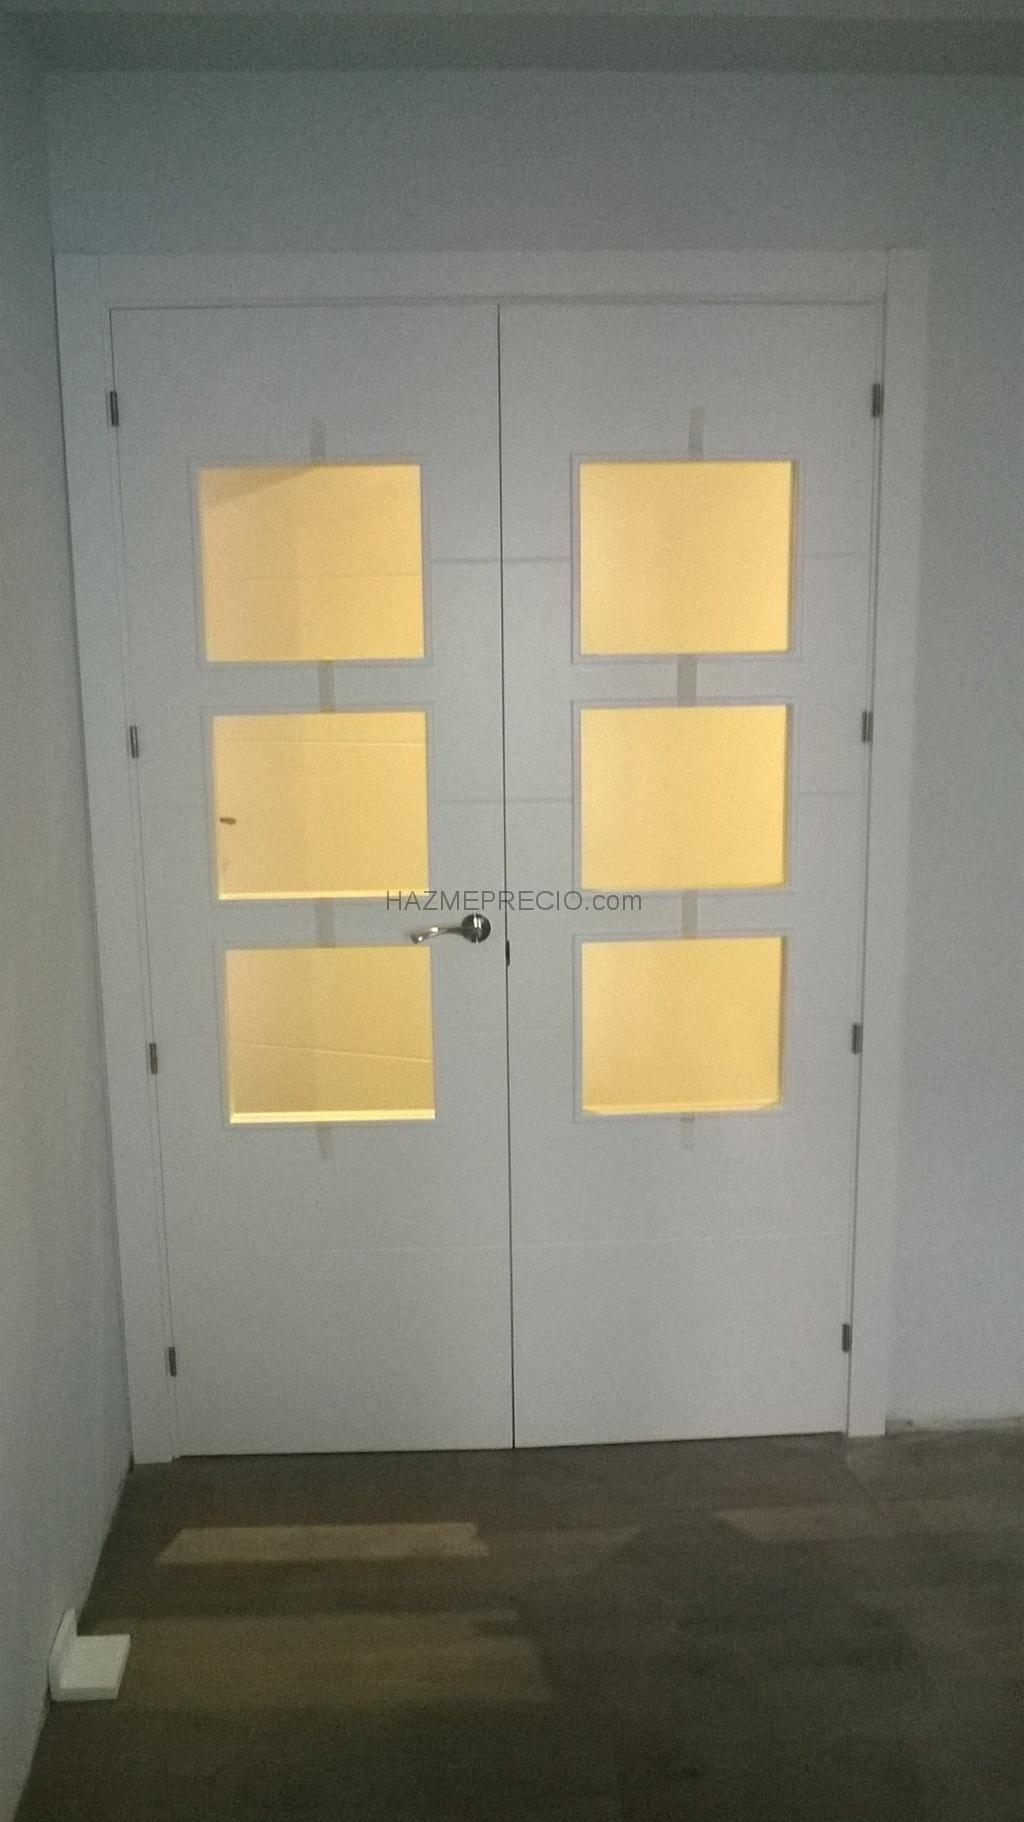 Puertas y armarios a medida 28823 madrid madrid - Puertas y armarios ...